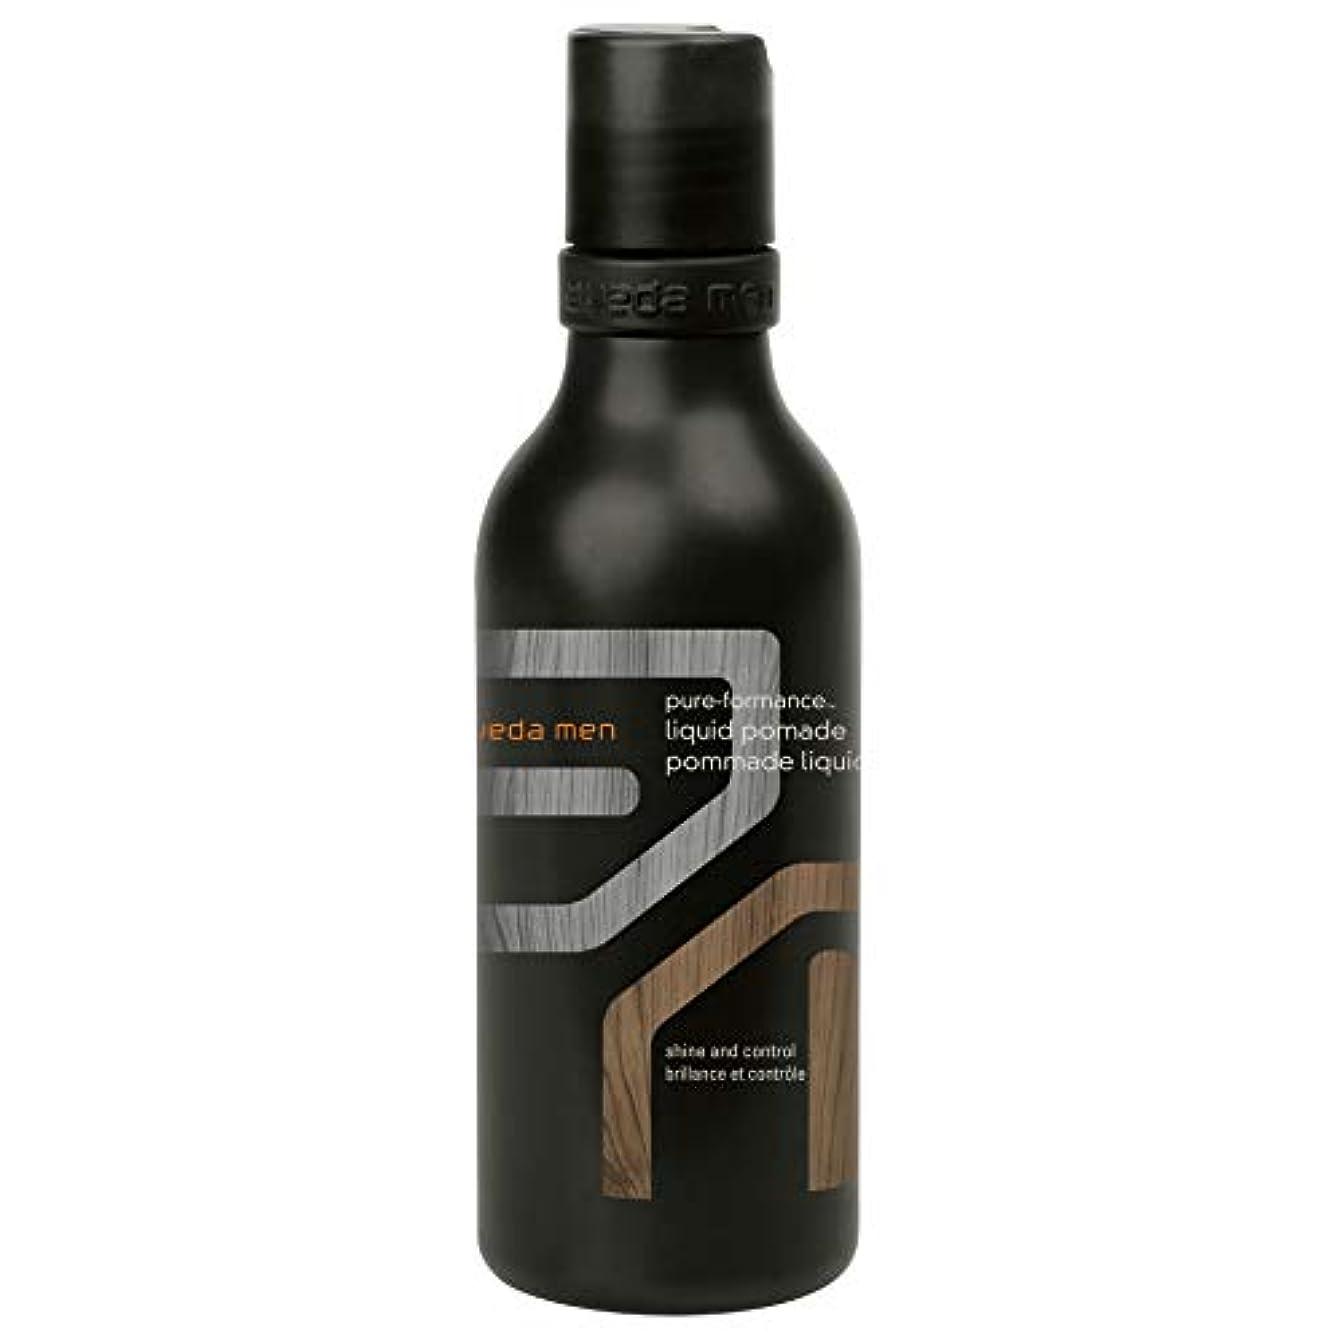 保護羊チャンピオンシップ[AVEDA] アヴェダ男性の純粋な-Formance液体ポマードの200ミリリットル - Aveda Men Pure-Formance Liquid Pomade 200ml [並行輸入品]